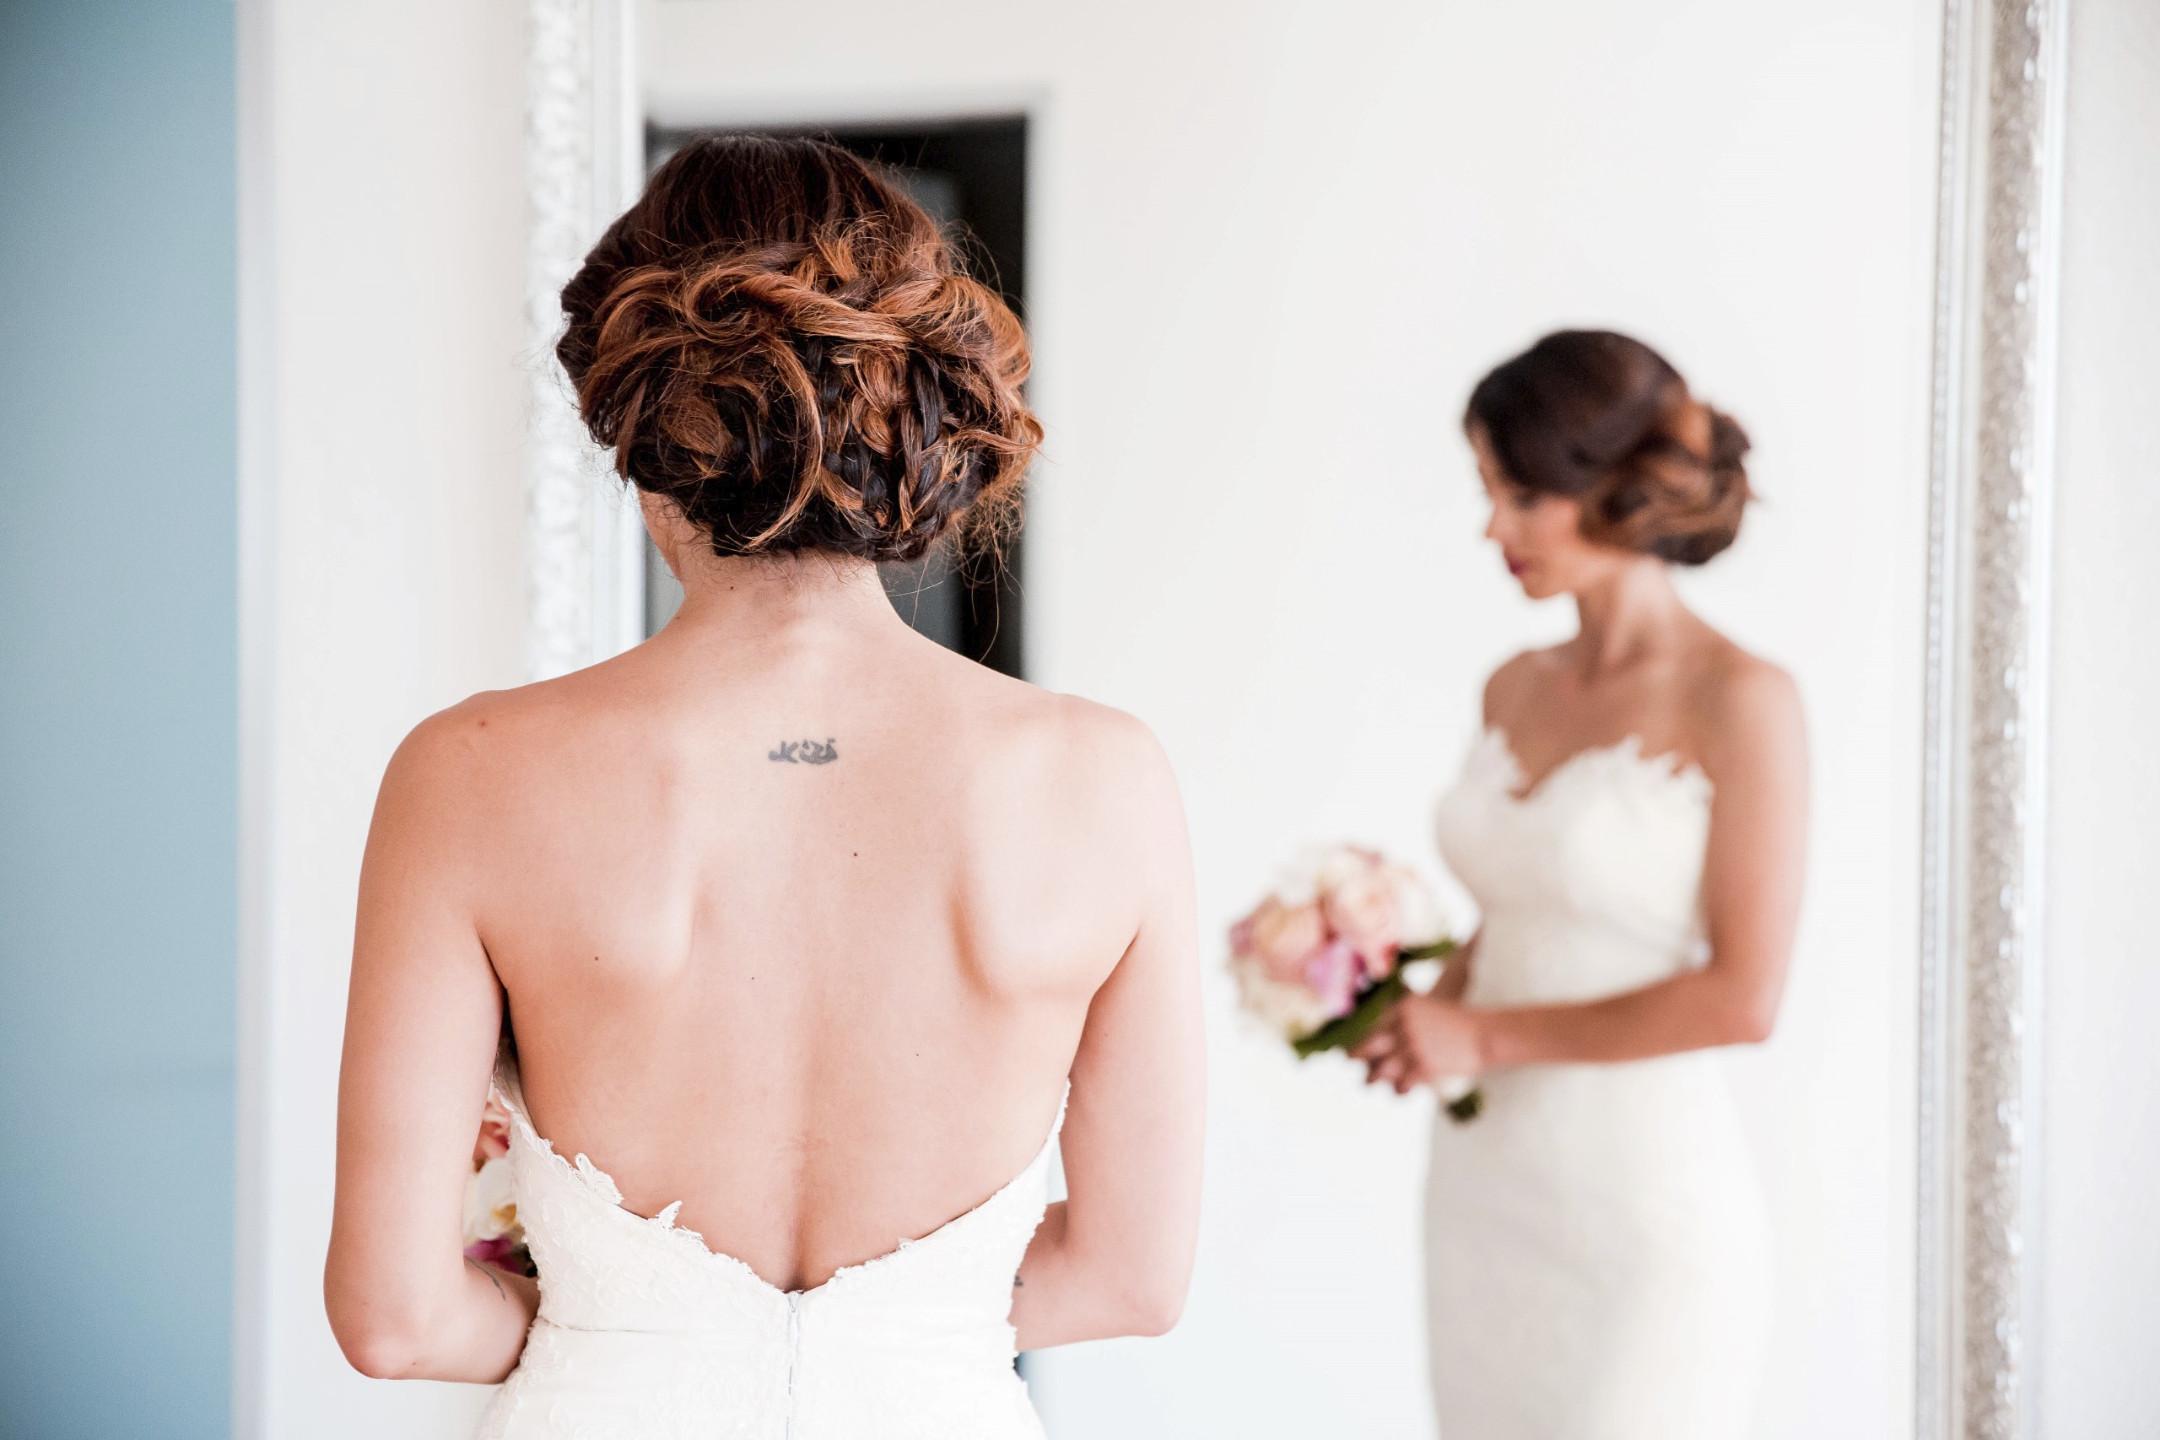 Aida + Tim | Hochzeitsfotografen am Bodensee Gewächshaus Hochzeit in der Schweiz  - Hochzeitsfotografie von Aida und Tim